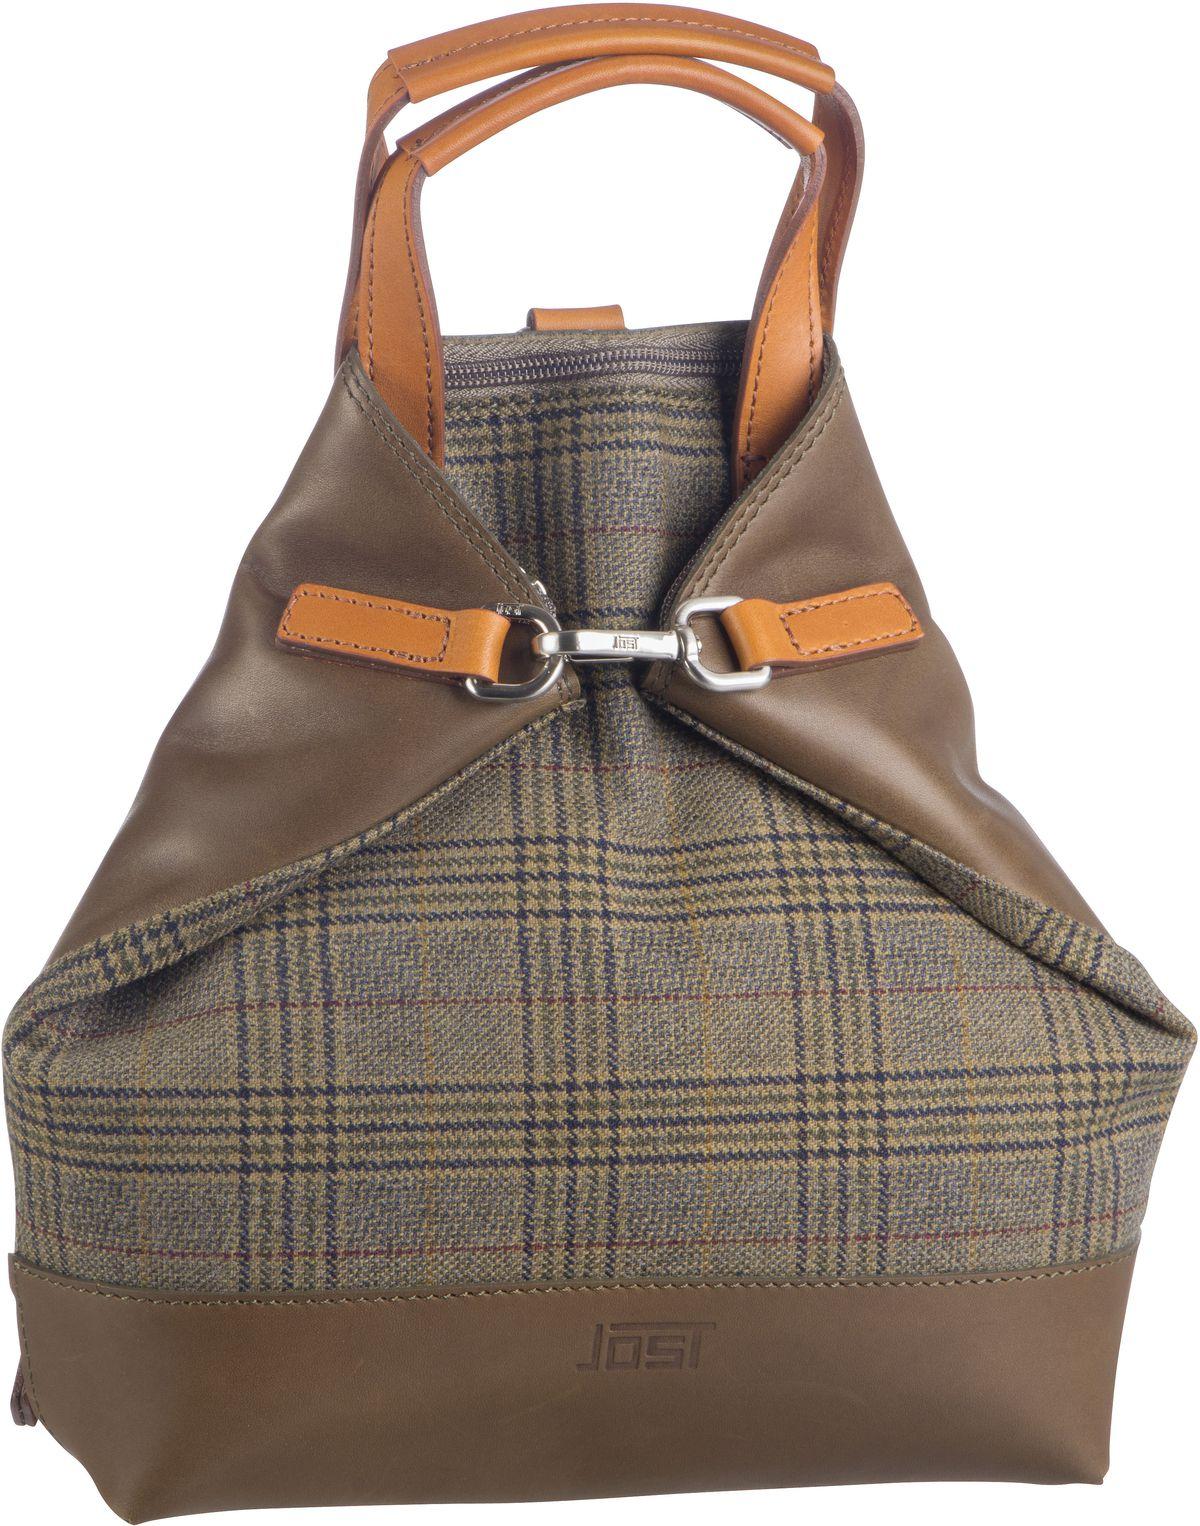 Rucksack / Daypack Checks 7233 X-Change Bag Mini Olive